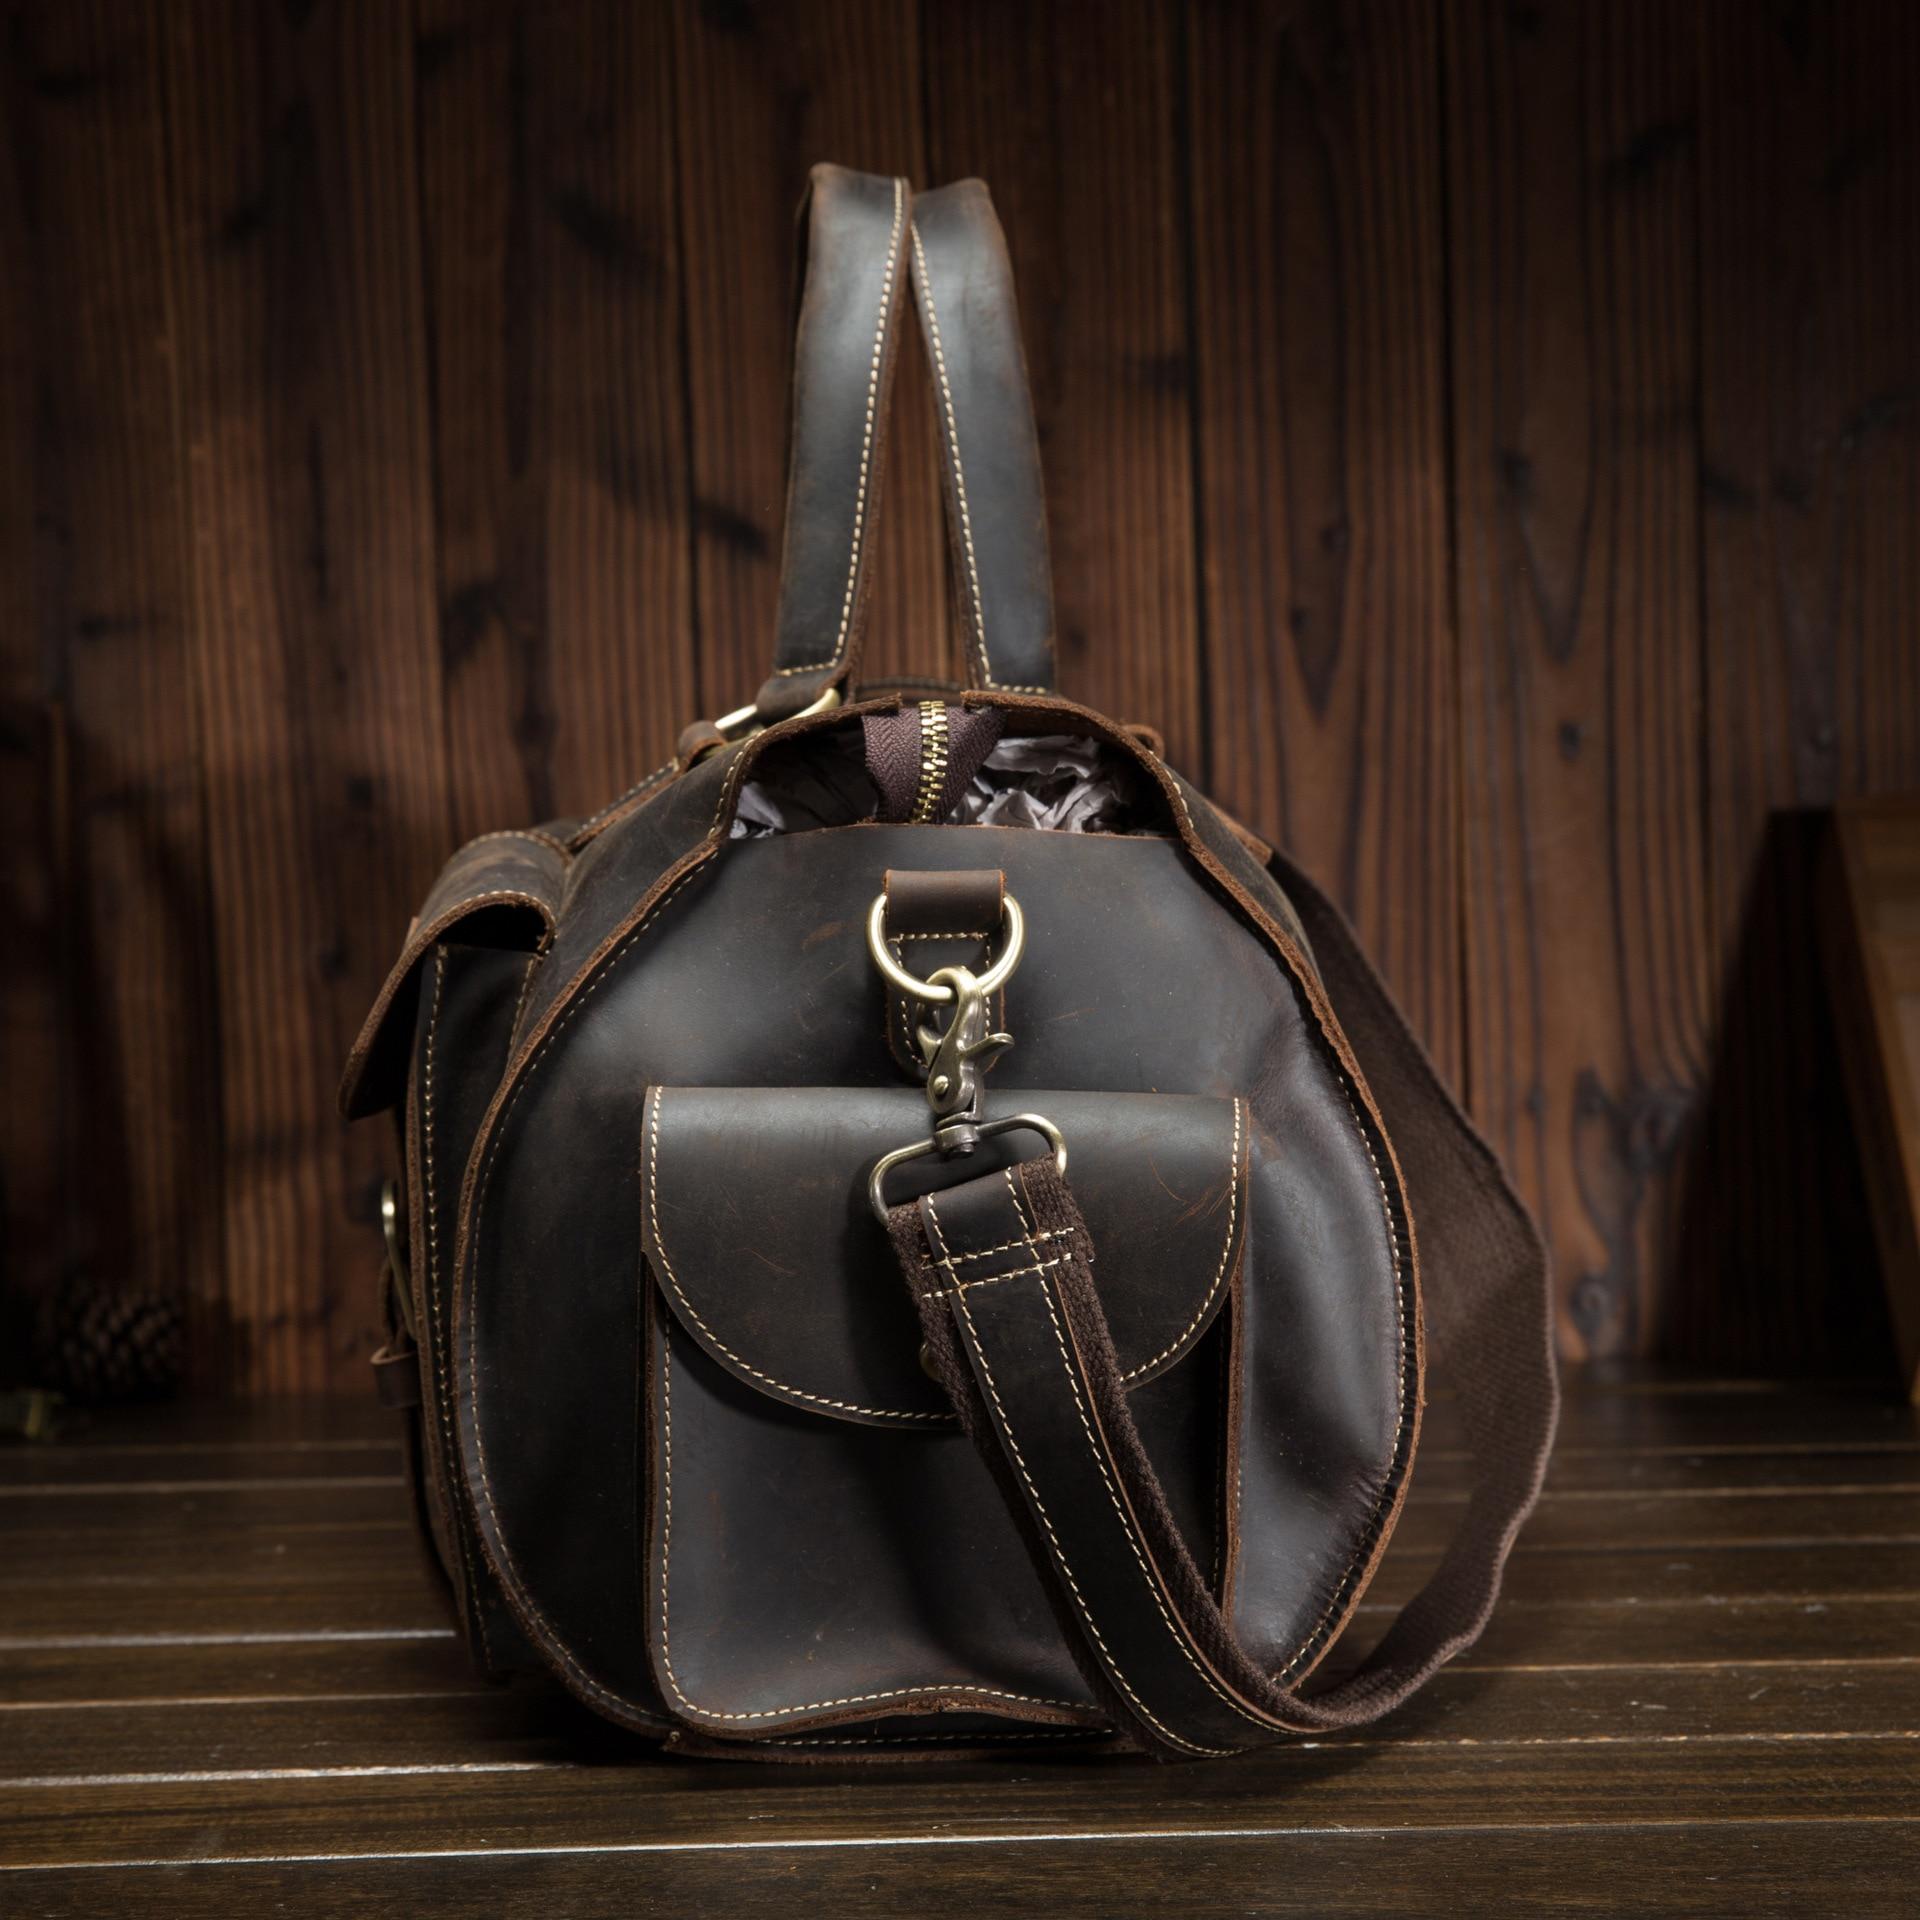 Neweekend дорожная большая сумка для мужчин, повседневный чемодан, ручная сумка из натуральной кожи для бизнеса, качественная сумка через плечо - 4